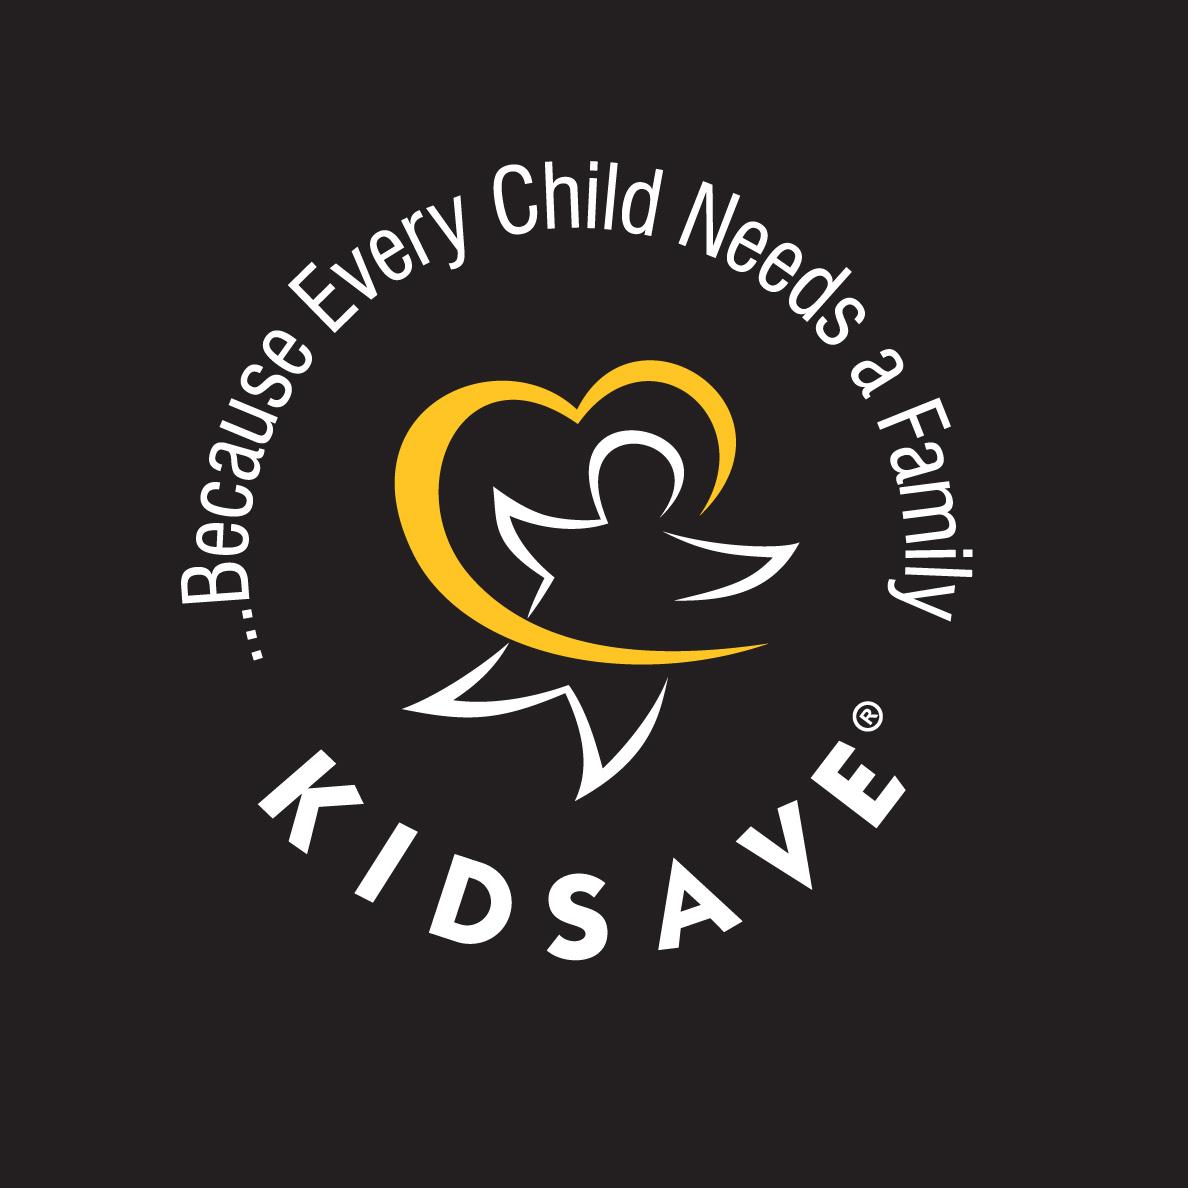 Kidsave.org Logo.jpg